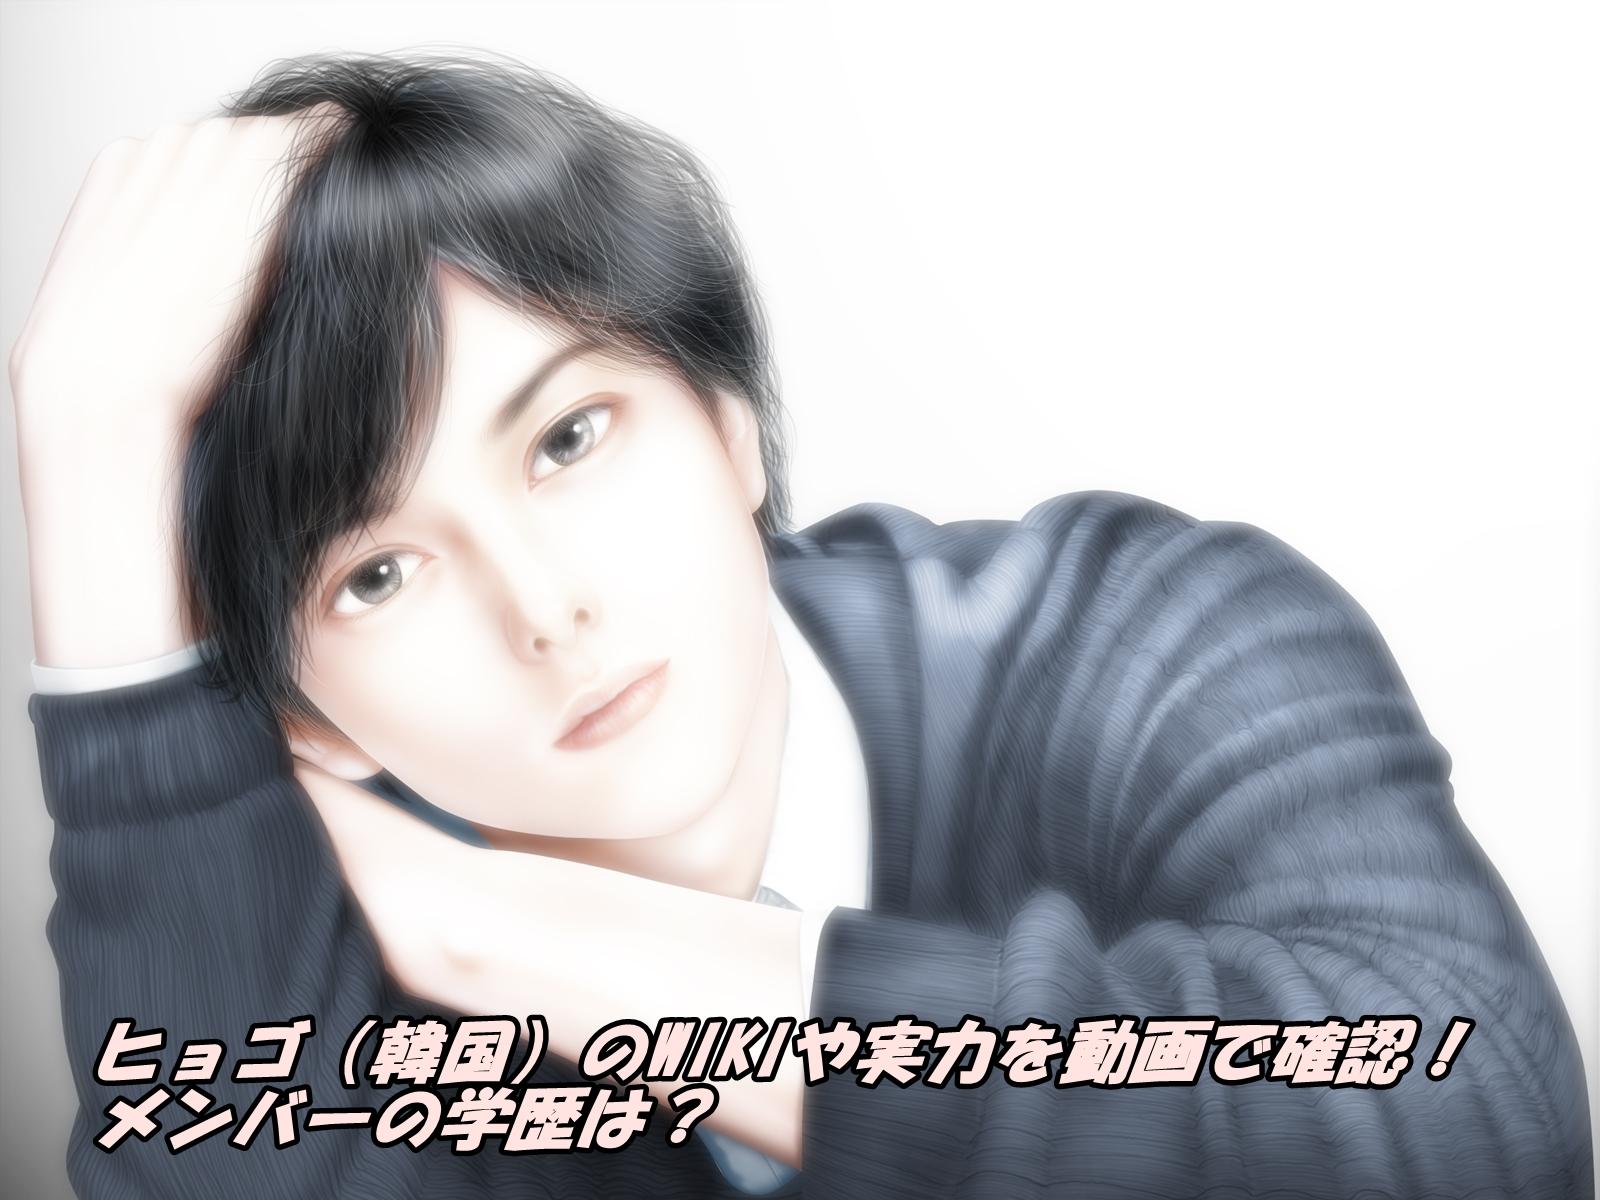 ヒョゴ(韓国)のWIKIや実力を動画で確認!メンバーの学歴は?